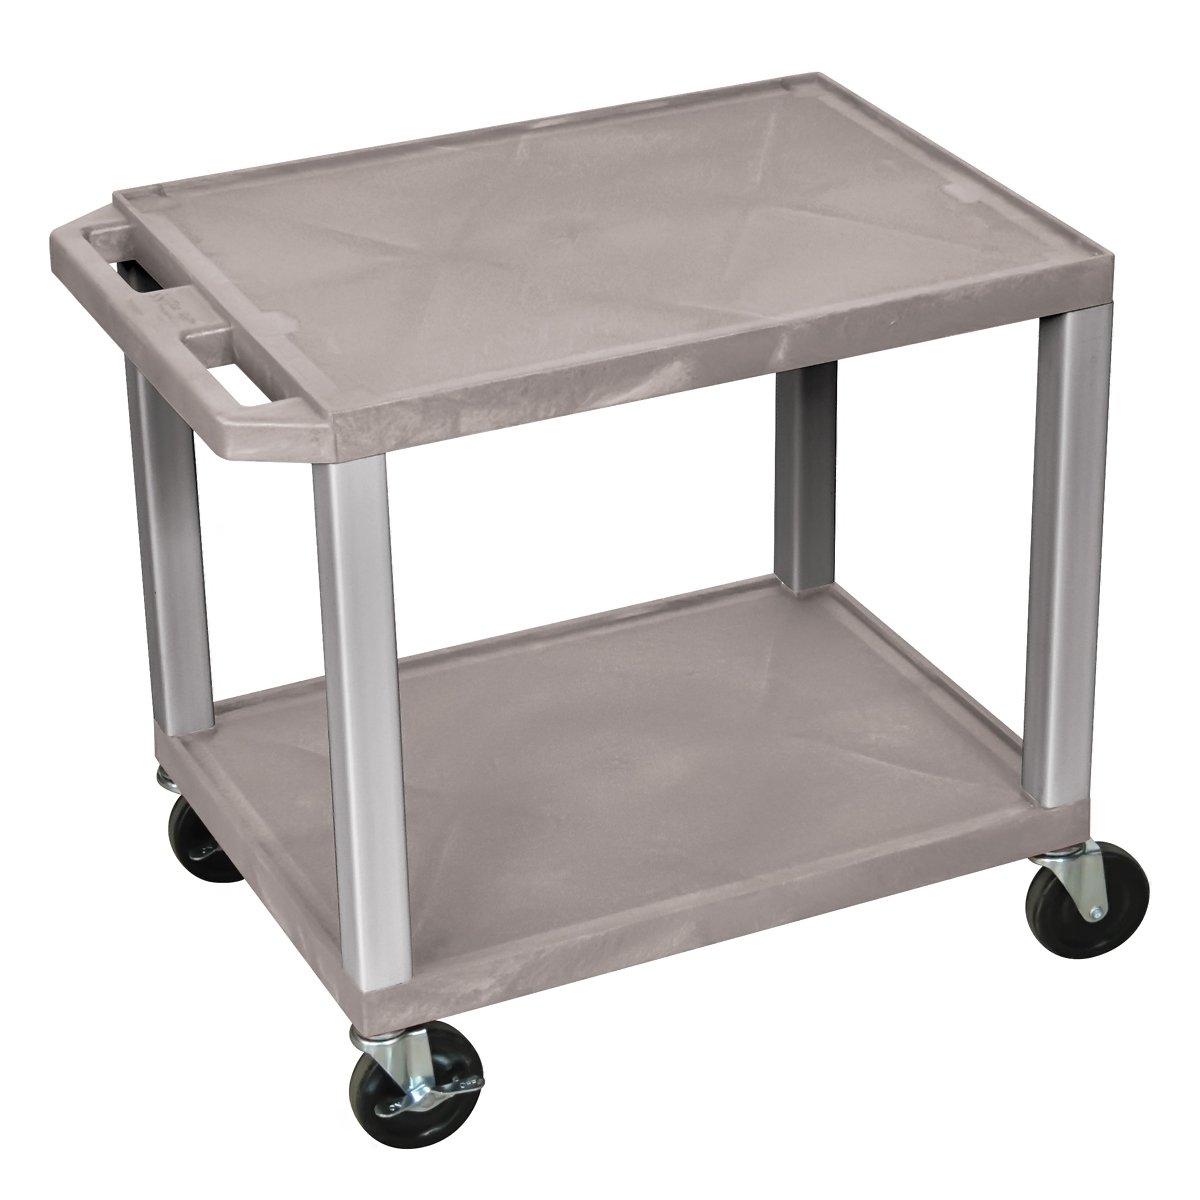 Luxor Tuffy WT26-N Multipurpose 2 Shelves AV Cart – Nickel Legs